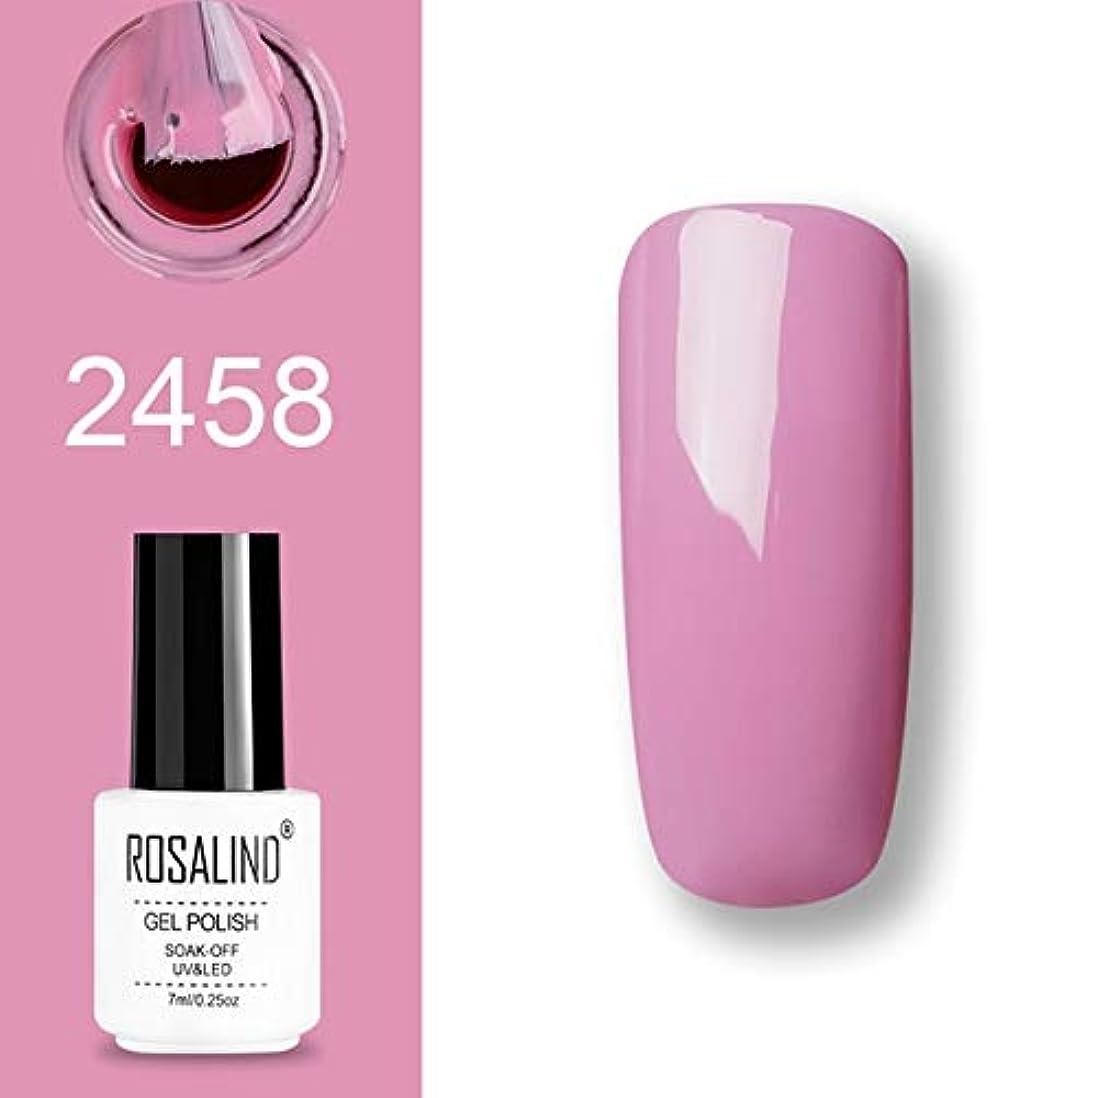 ためにソート流体ファッションアイテム ROSALINDジェルポリッシュセットUVセミパーマネントプライマートップコートポリジェルニスネイルアートマニキュアジェル、ピンク、容量:7ml 2458。 環境に優しいマニキュア